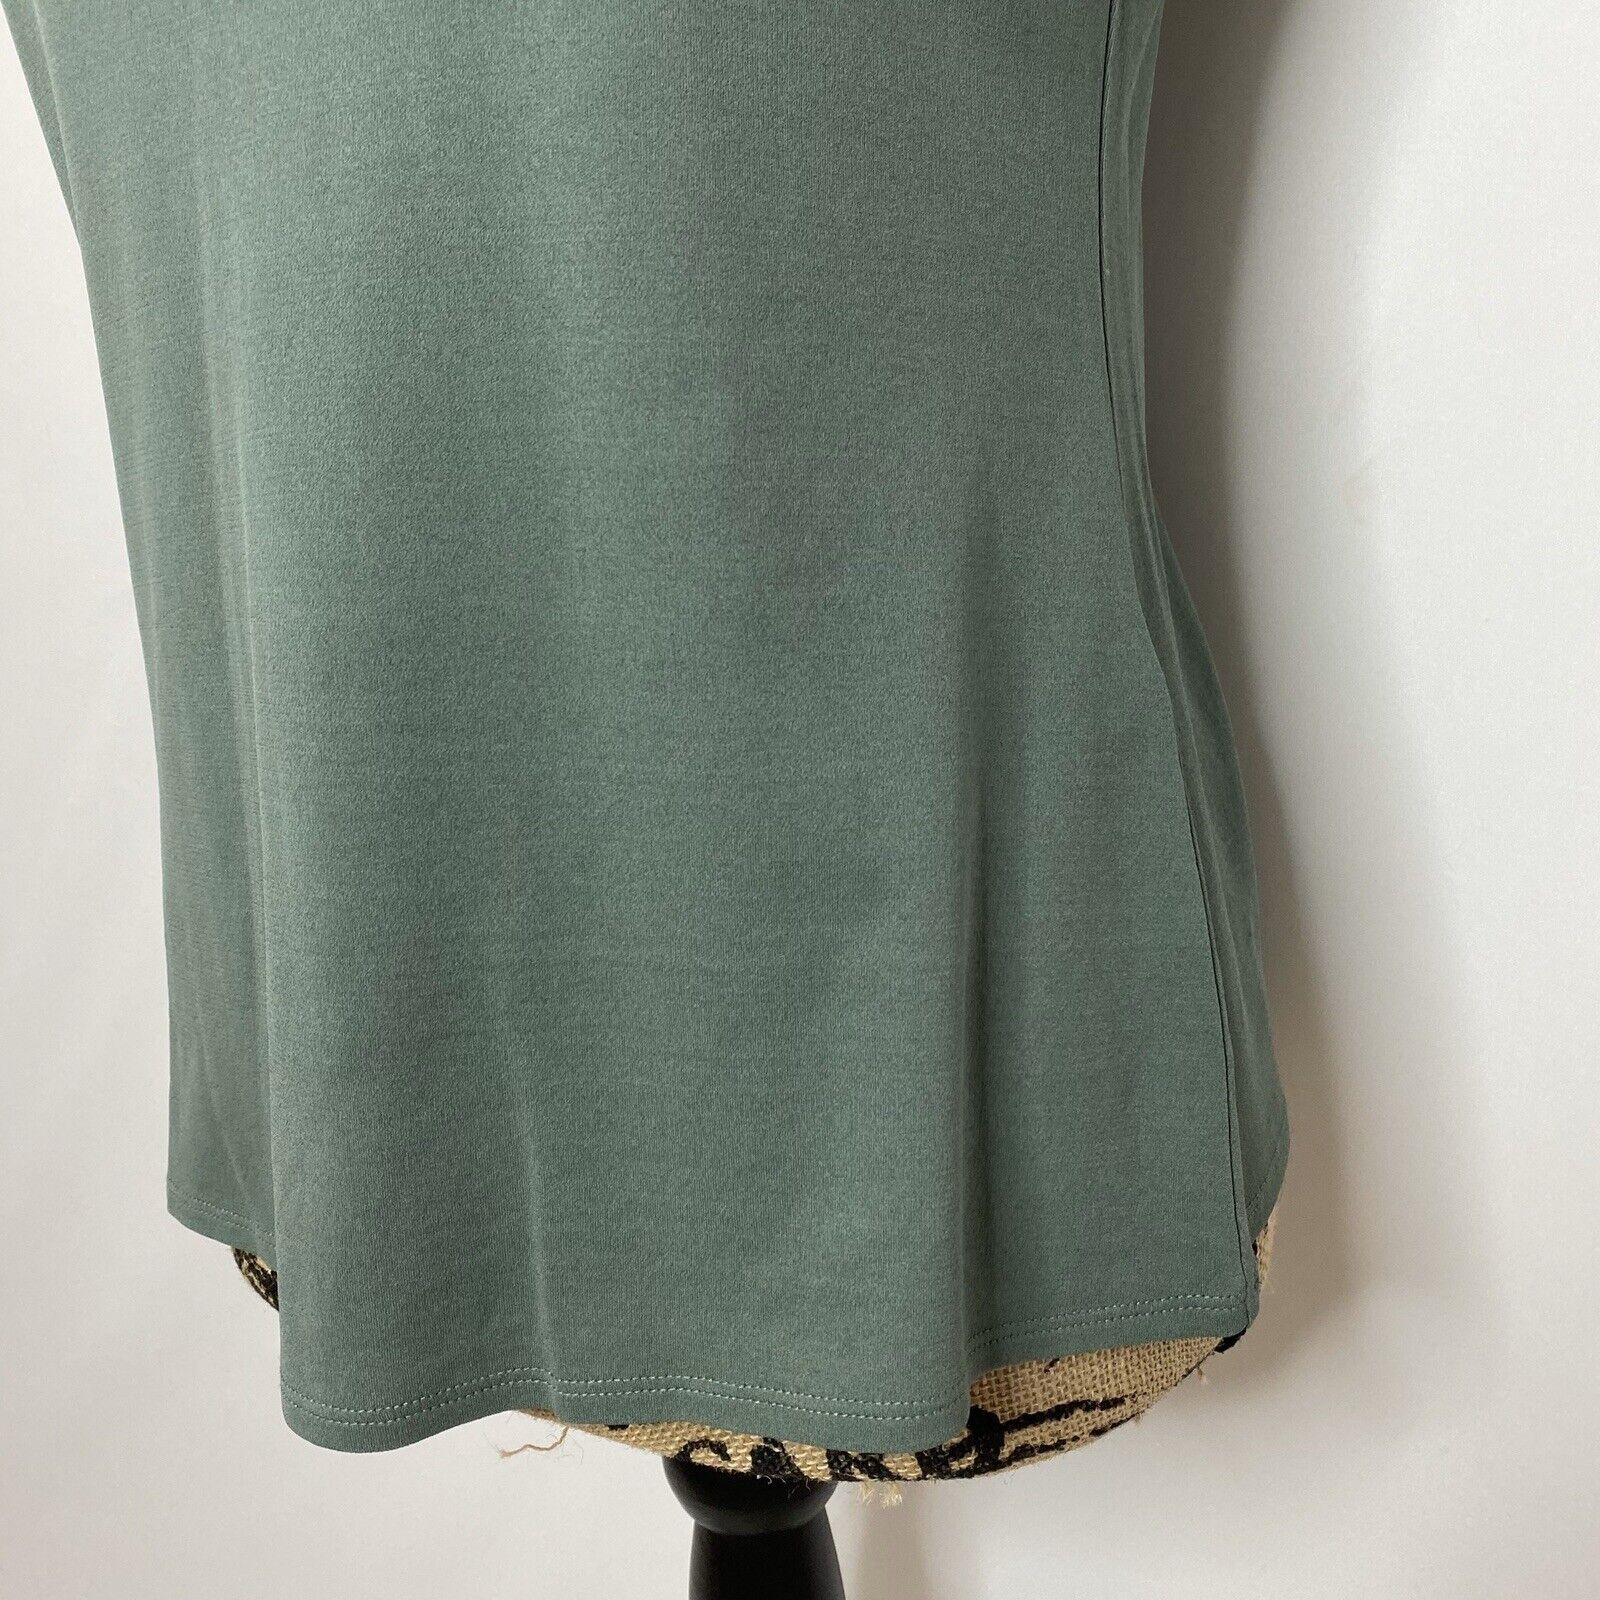 Eileen Fisher Silk Top XS Green Short Sleeve Shirt - image 3